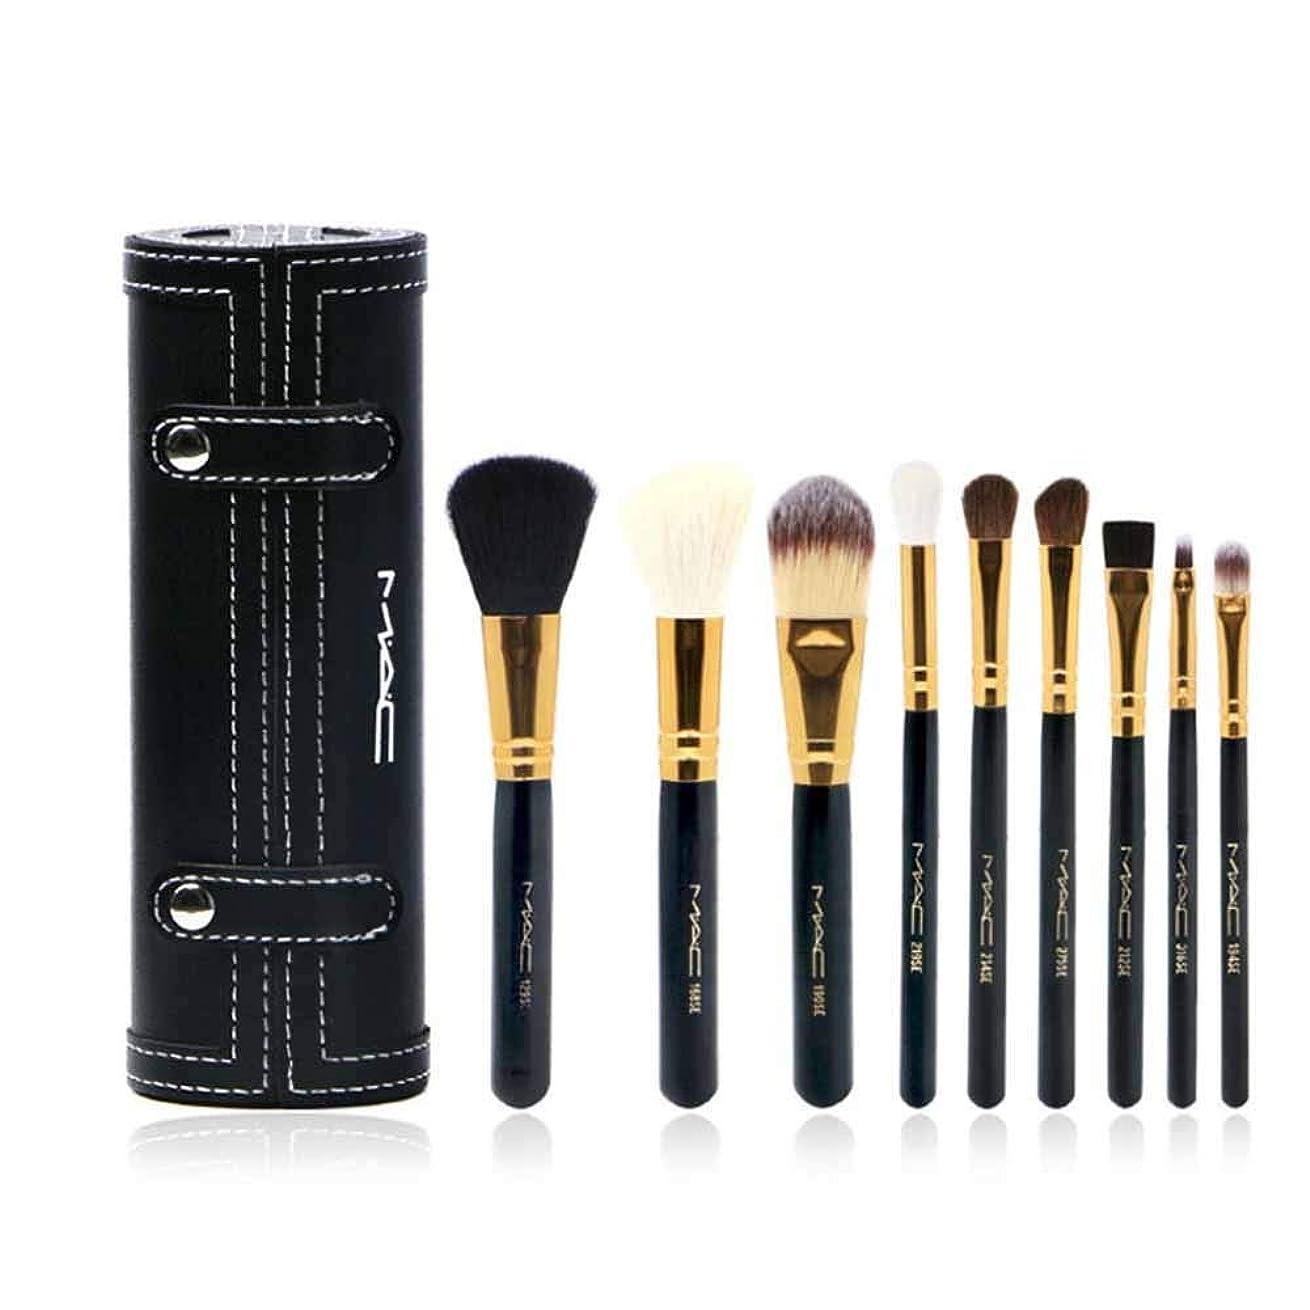 続けるフェザー毎週化粧ブラシ、化粧ブラシセット、動物の毛の化粧ブラシ、初心者の美容化粧ツール、フルポータブル9パック (Color : Black)